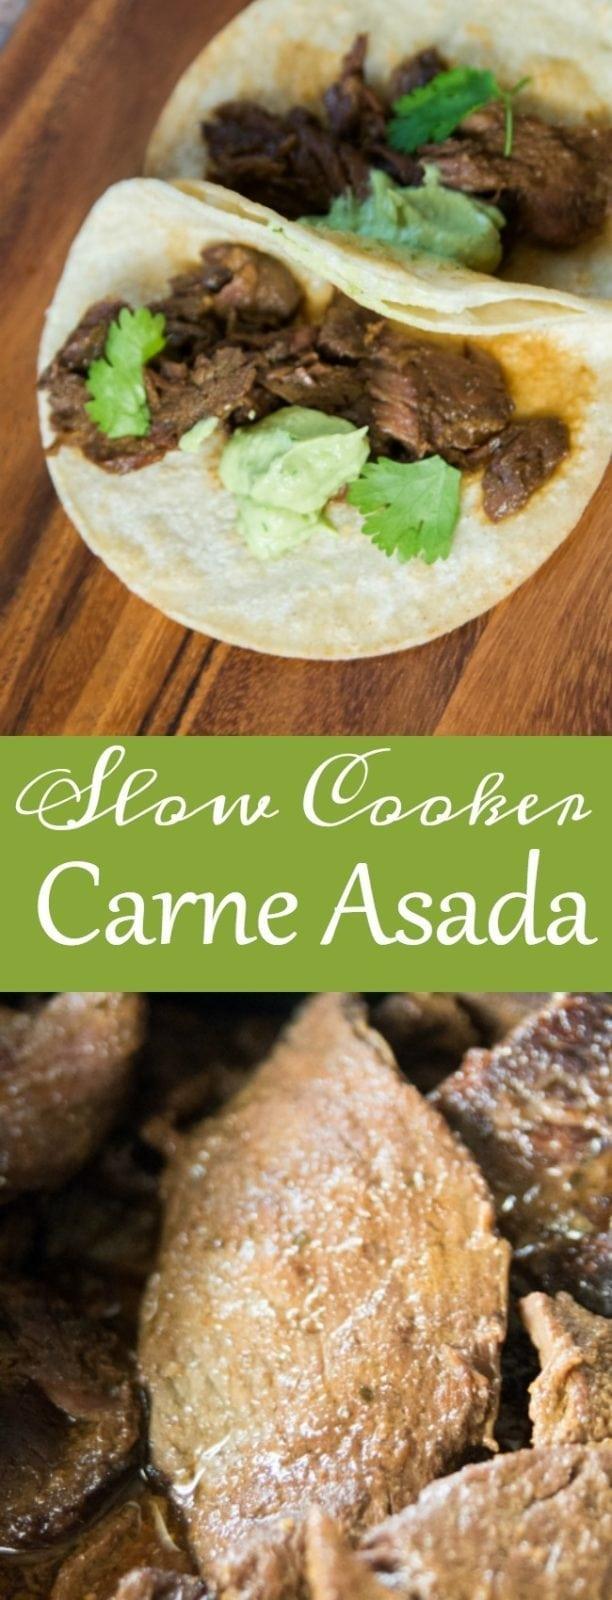 slow-cooker-carne-asada